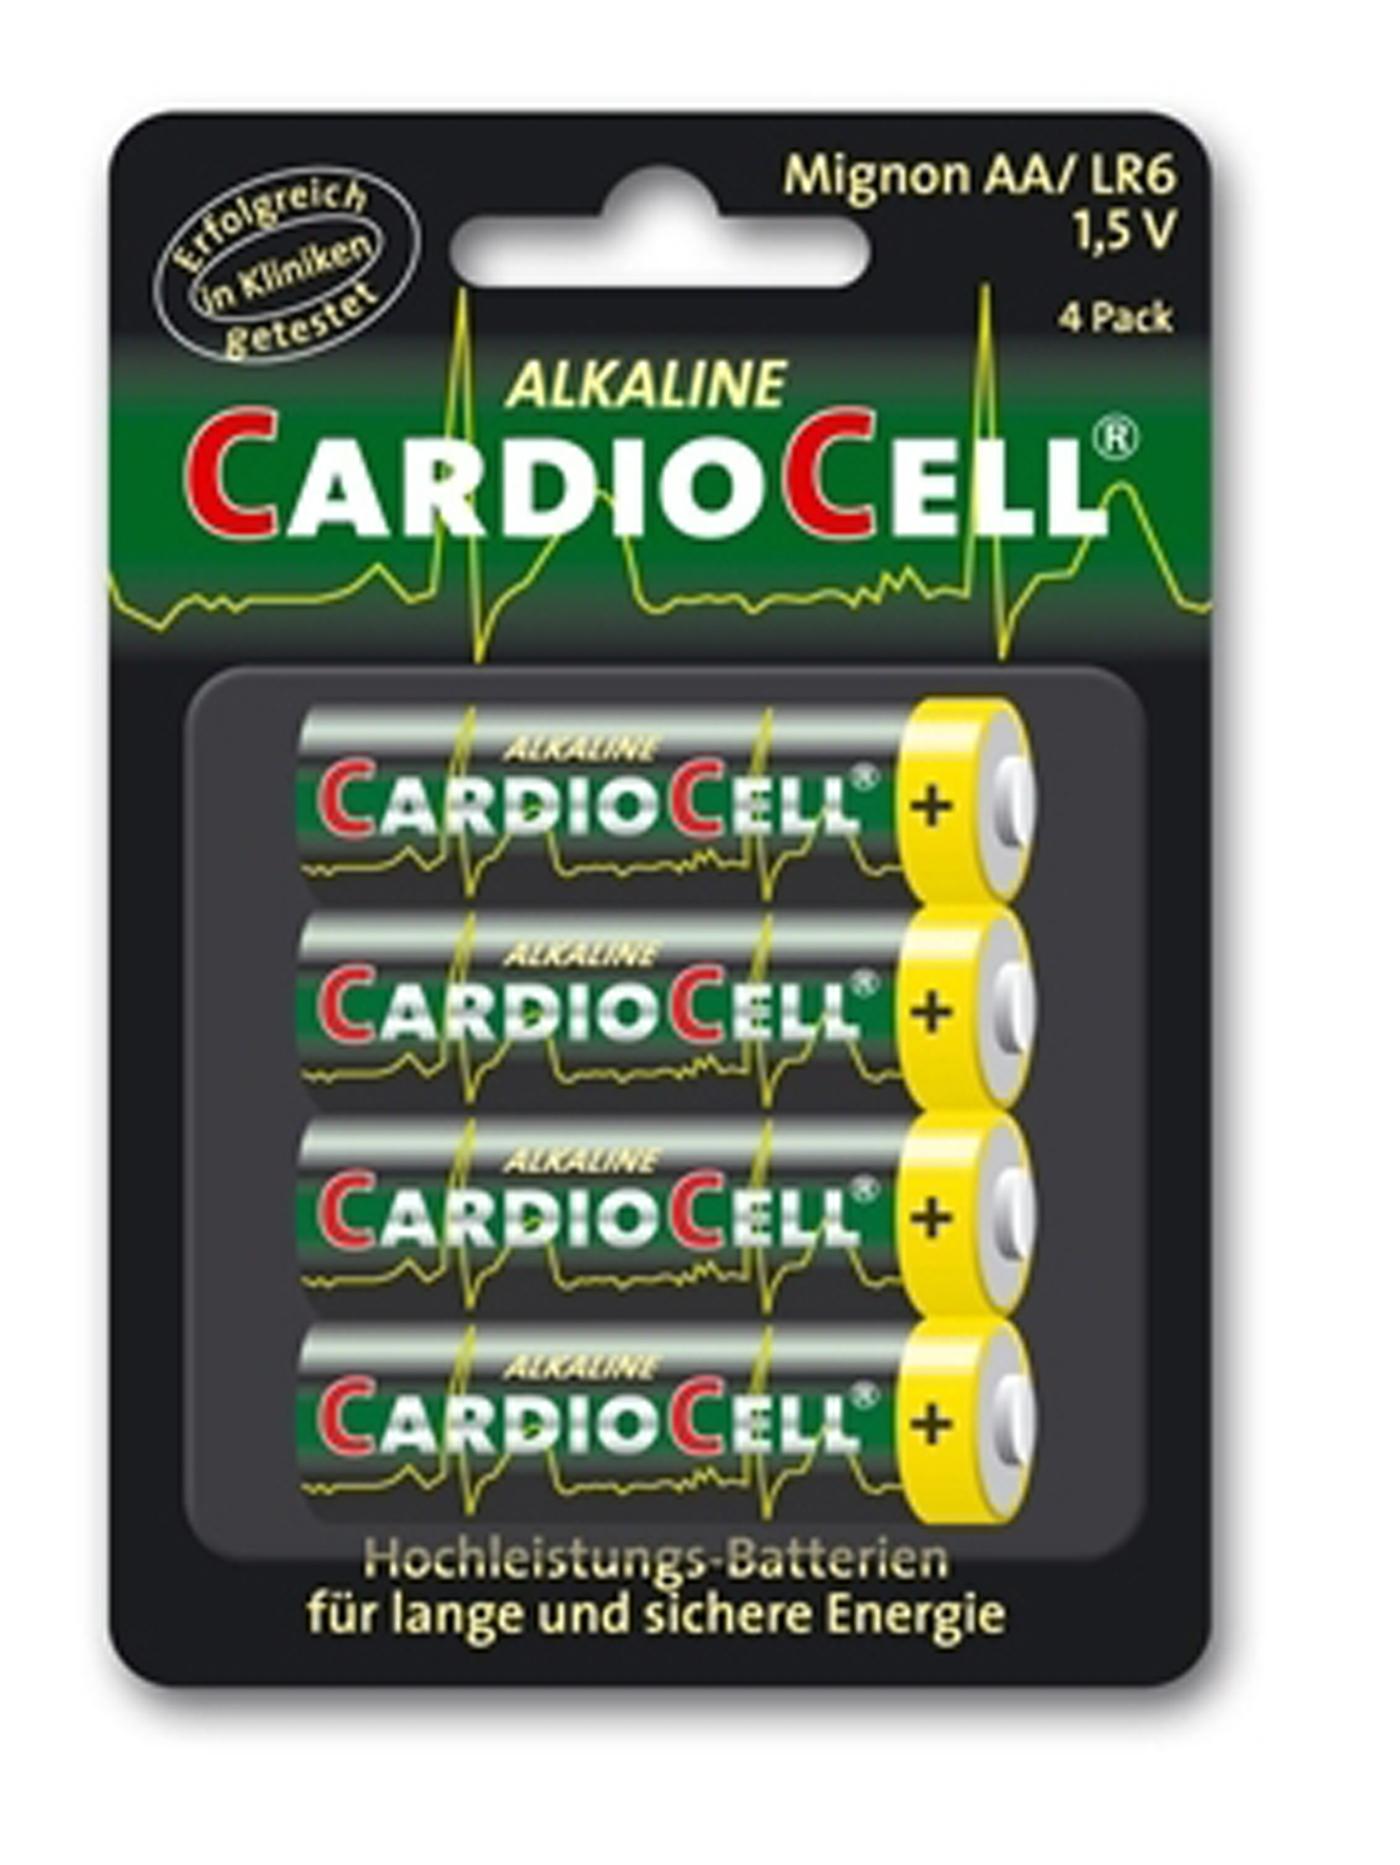 Cardiocell Batterie Mignon Plus AA-LR6 Lot de 4